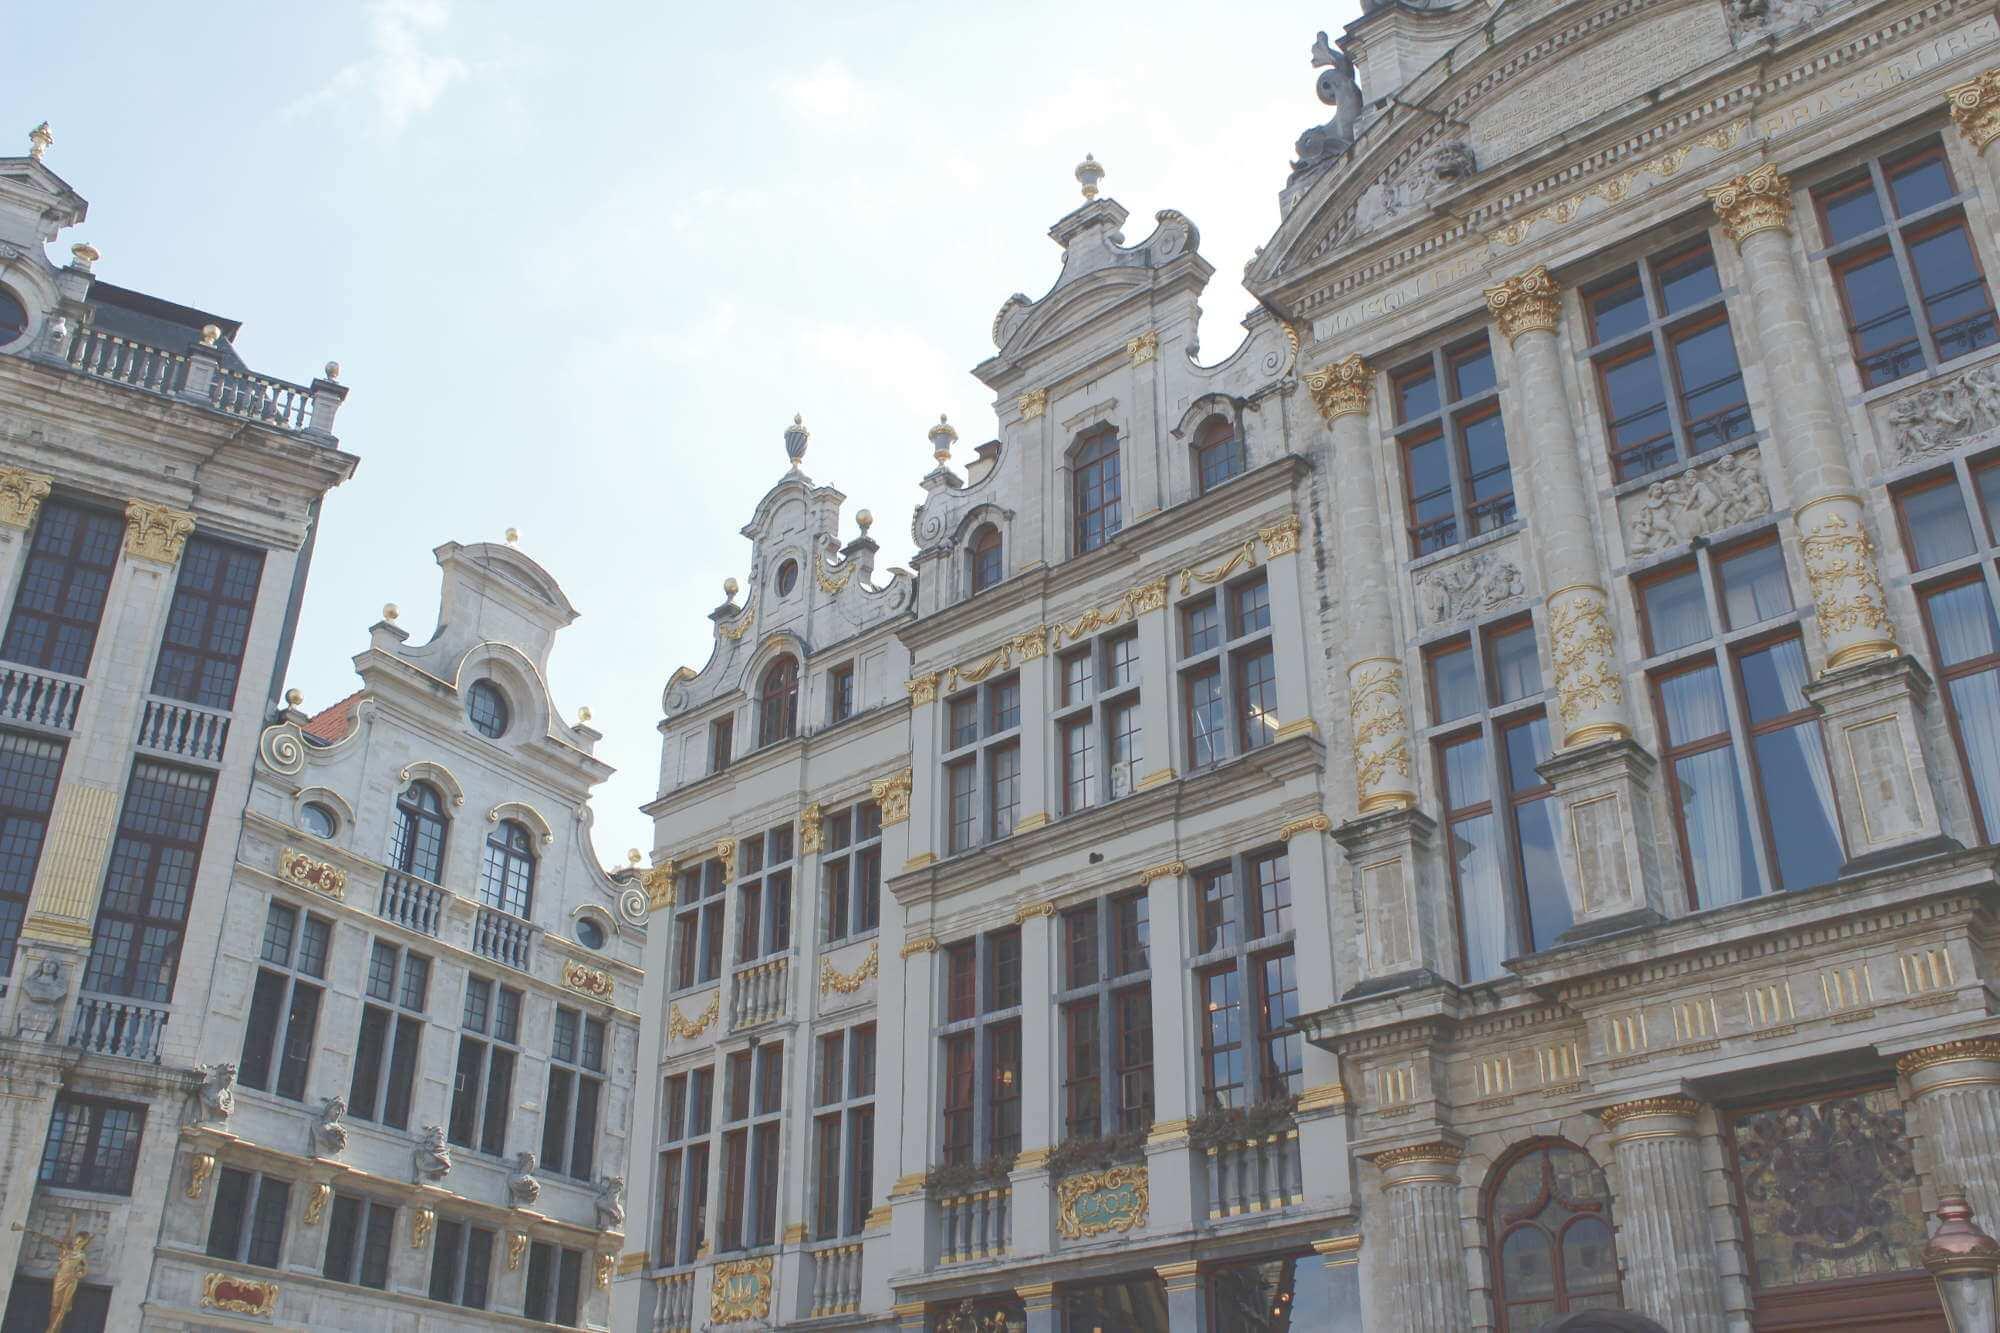 Gildehäuser mit goldenen Verzierungen am Grote Markt in Brüssel, Belgien